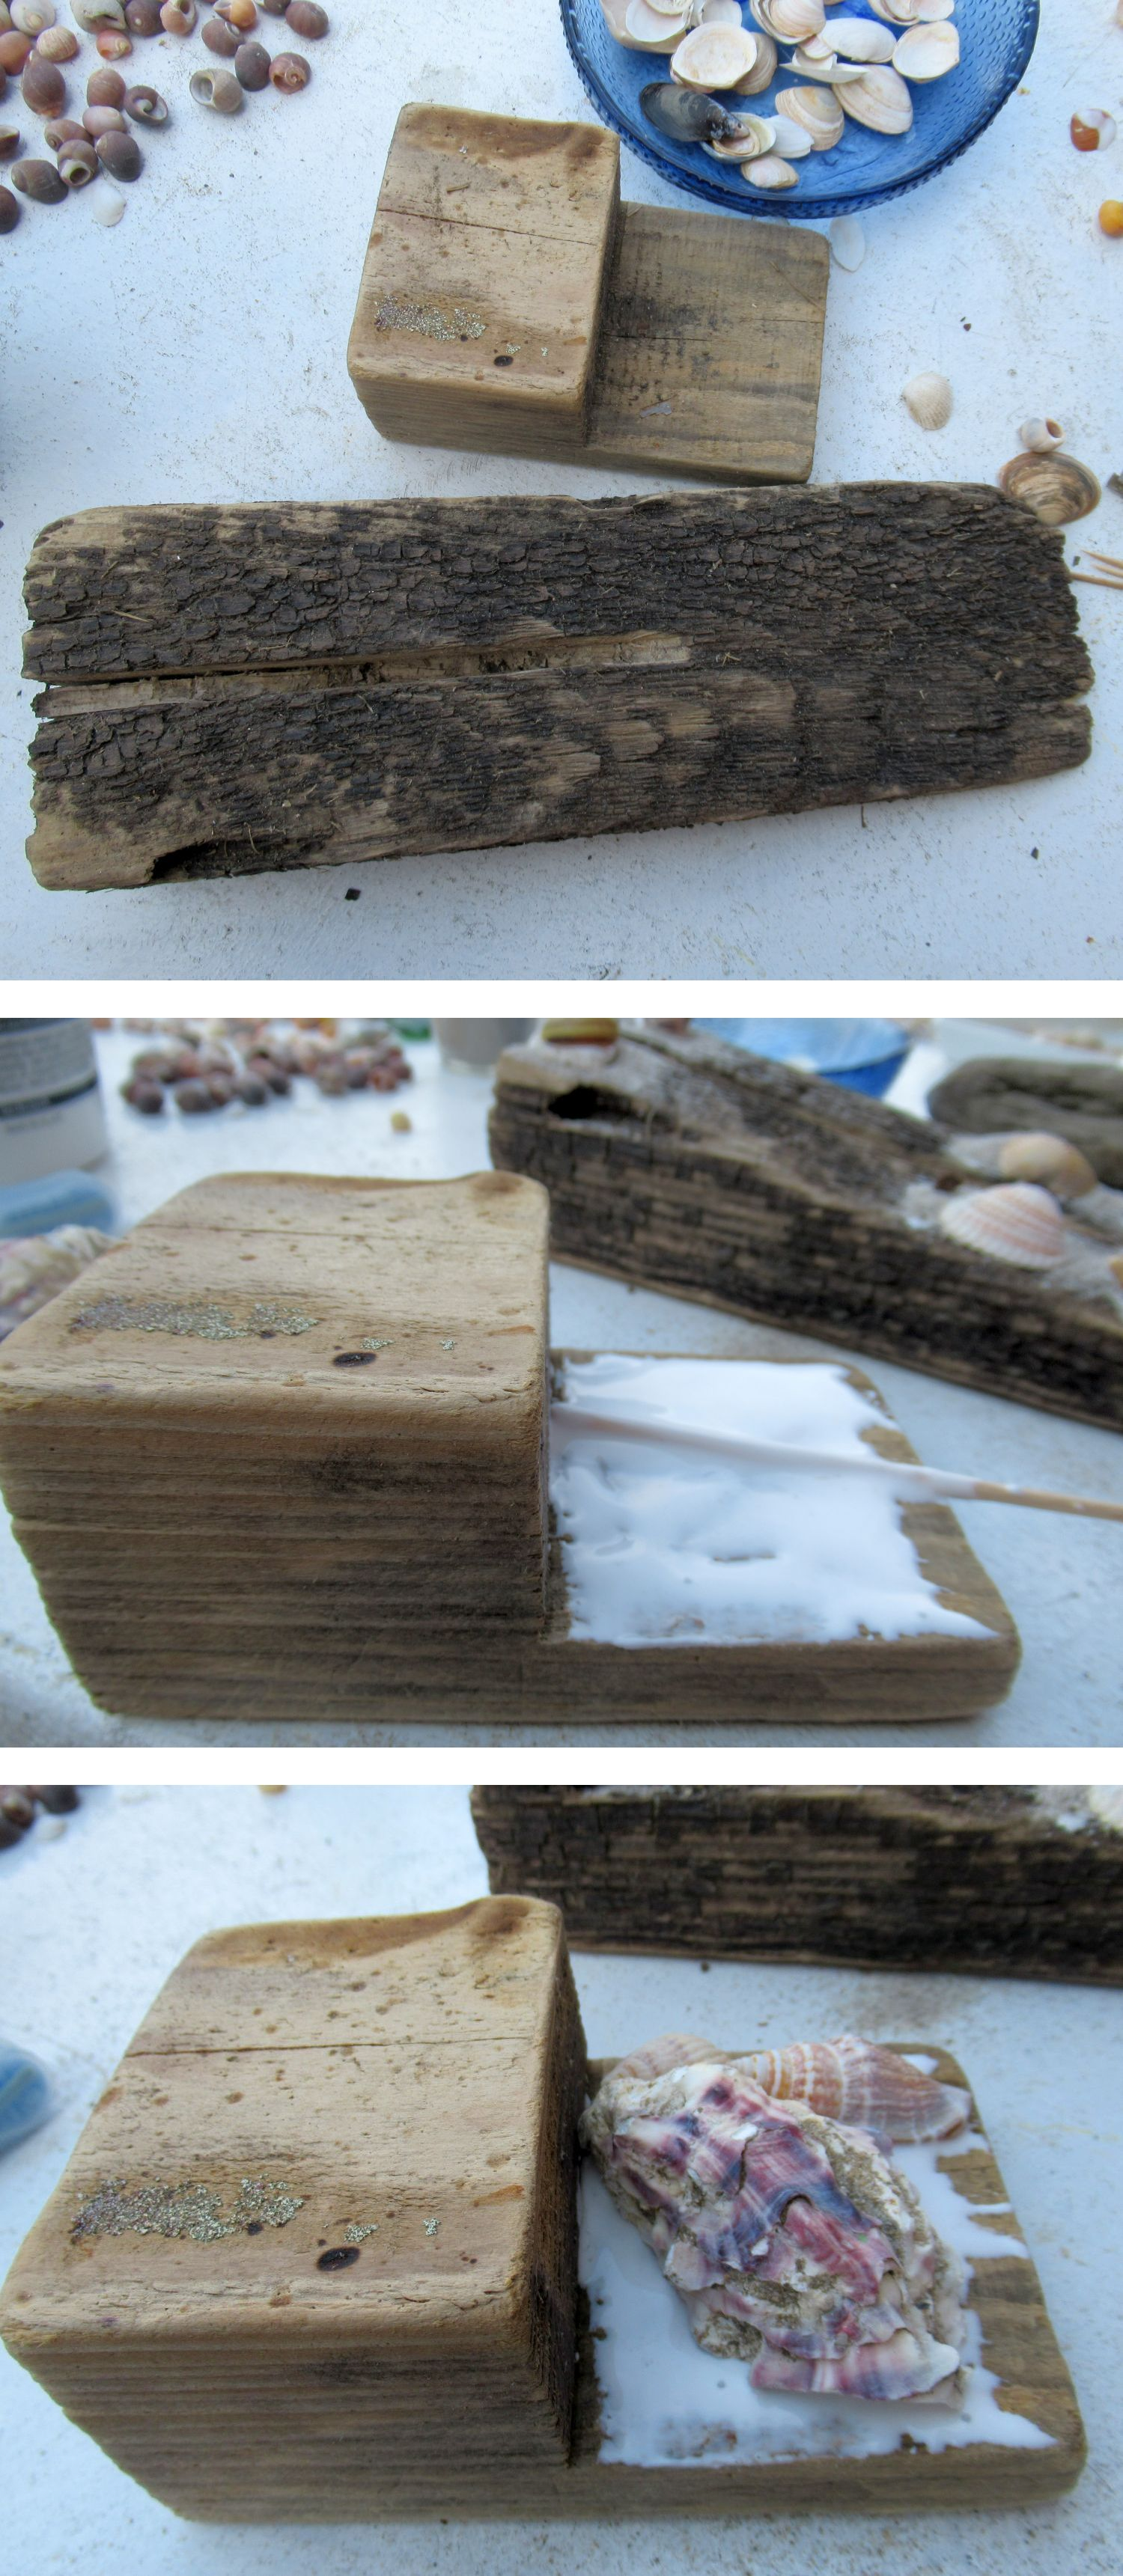 Holz mit Muscheln bekleben, diy